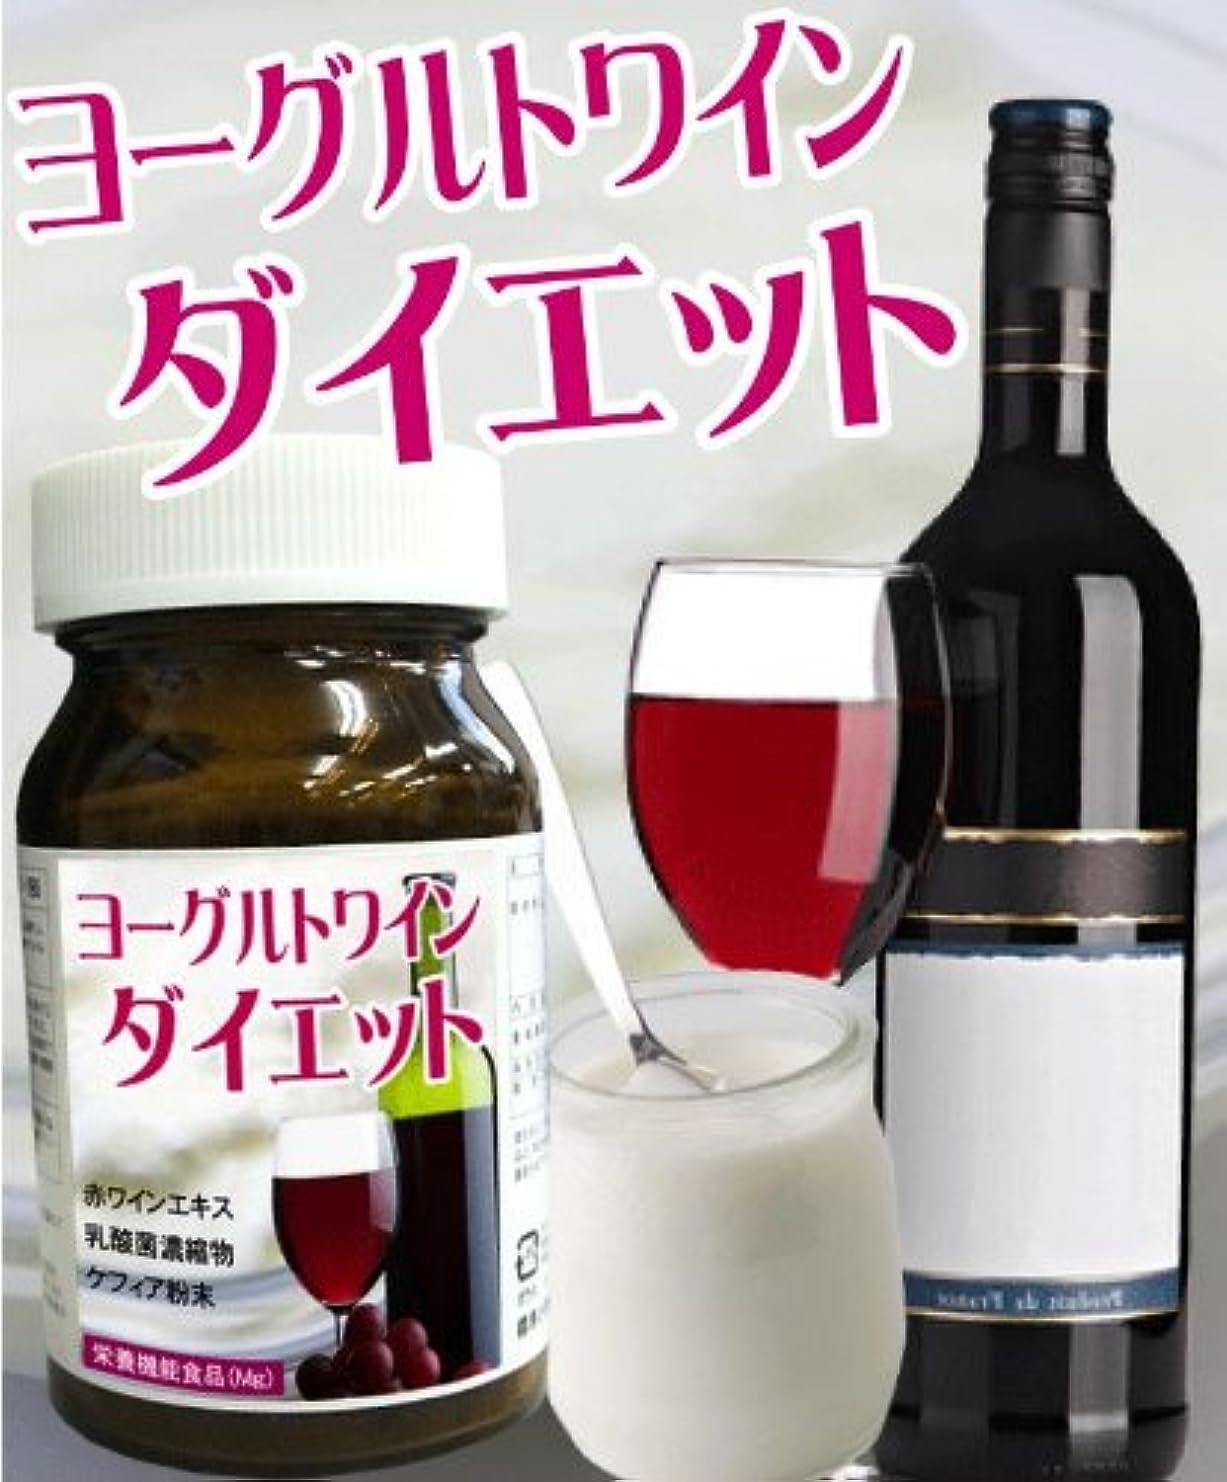 持続的スリル粘り強いヨーグルトワインダイエット 3個セット